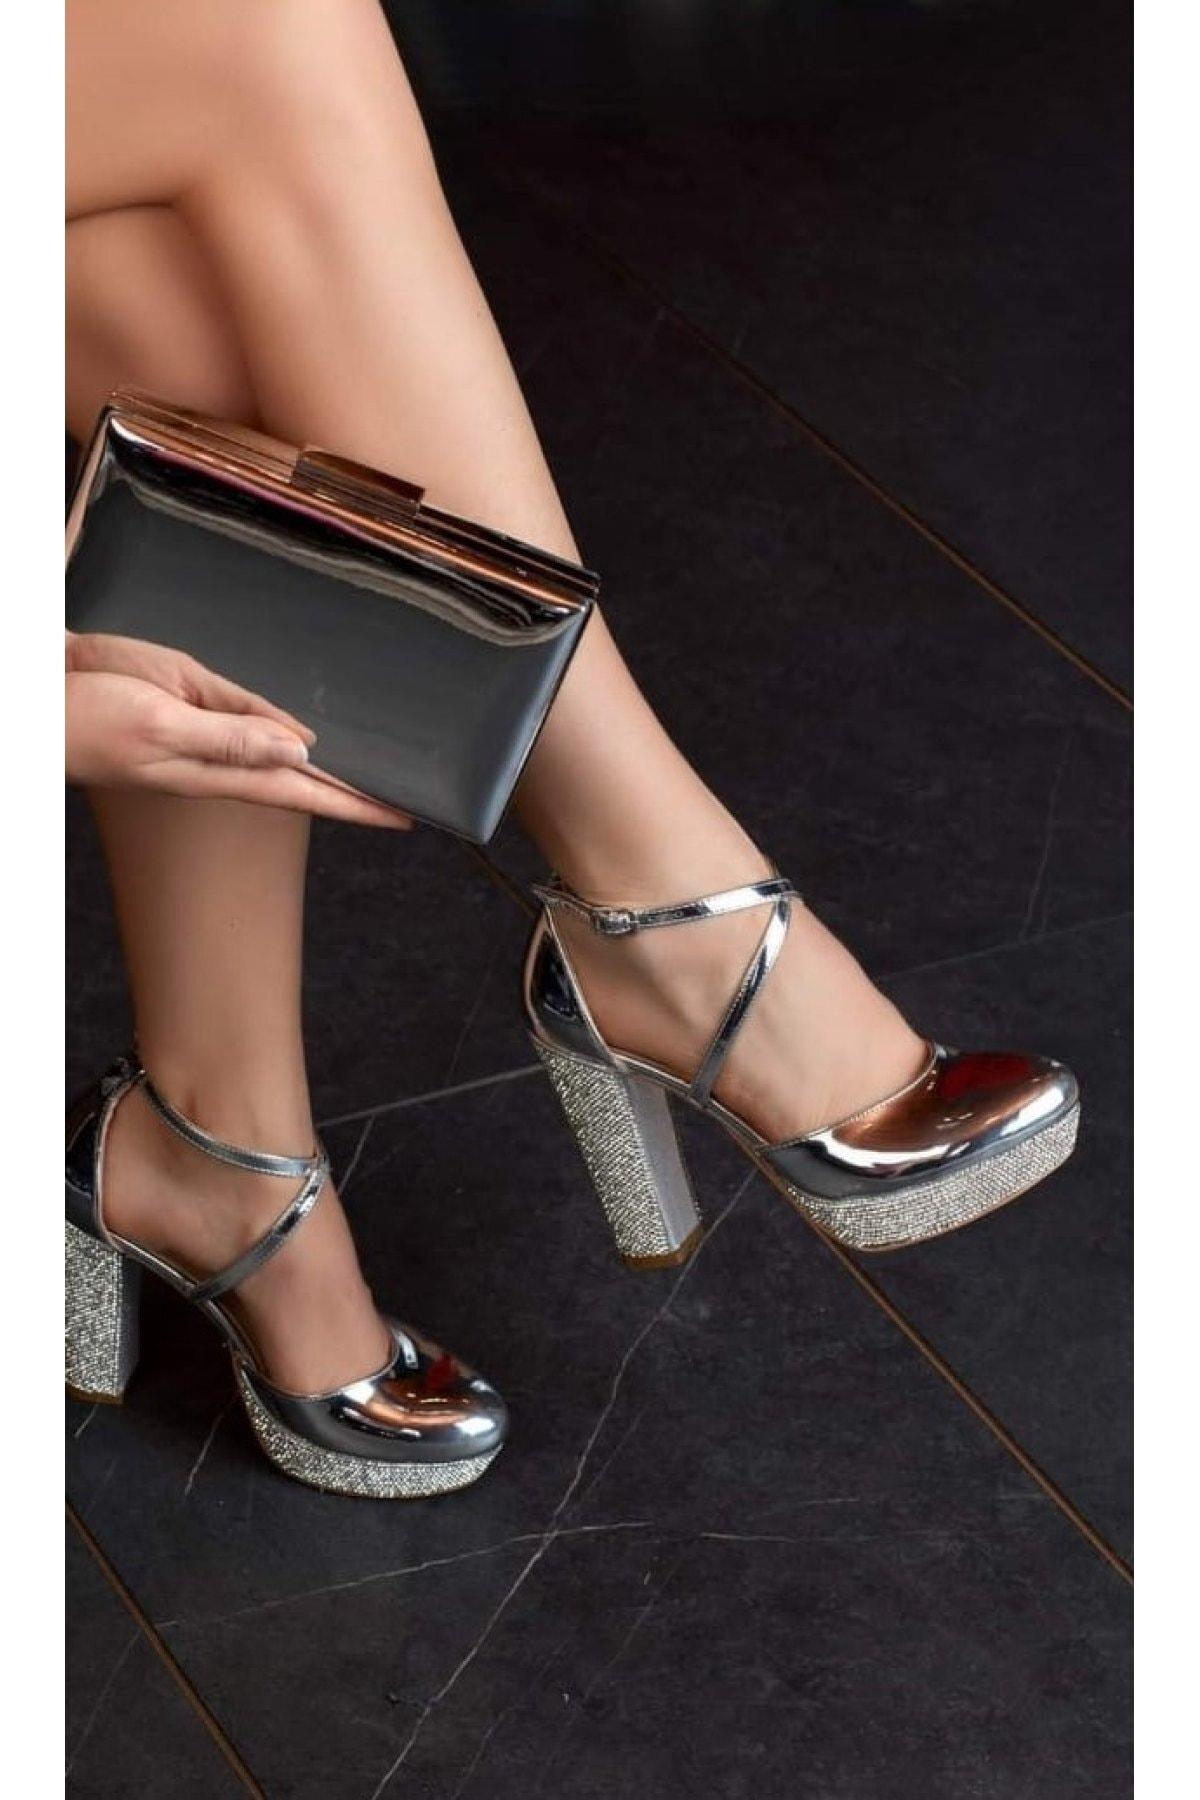 DAMLA GELİNLİK VE AKSESUAR Kadın Gümüş Gelin Ayakkabısı Ve Çantası